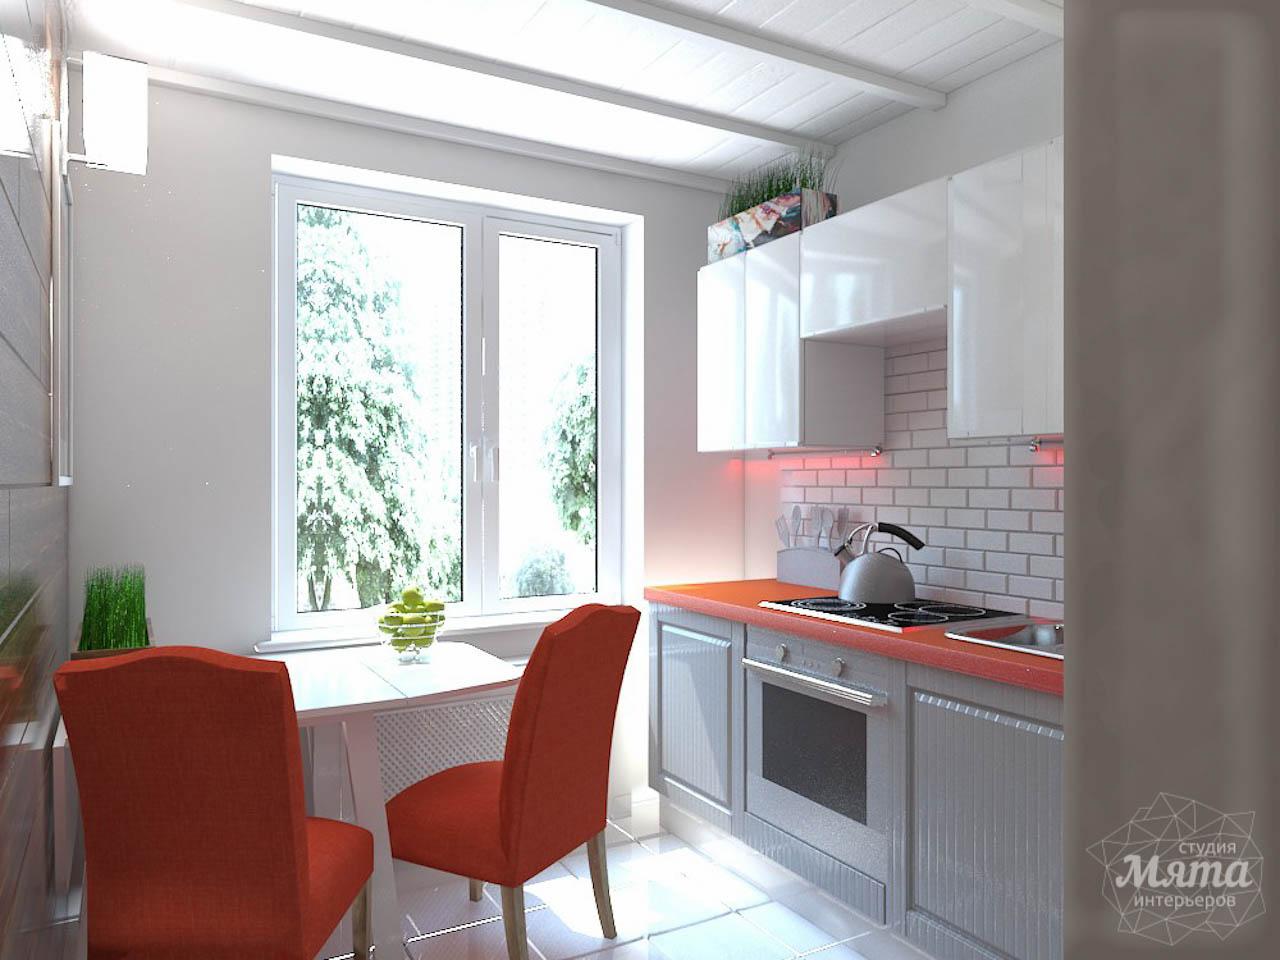 Дизайн интерьера однокомнатной квартиры в стиле минимализм по ул. Чапаева 30 img802743018